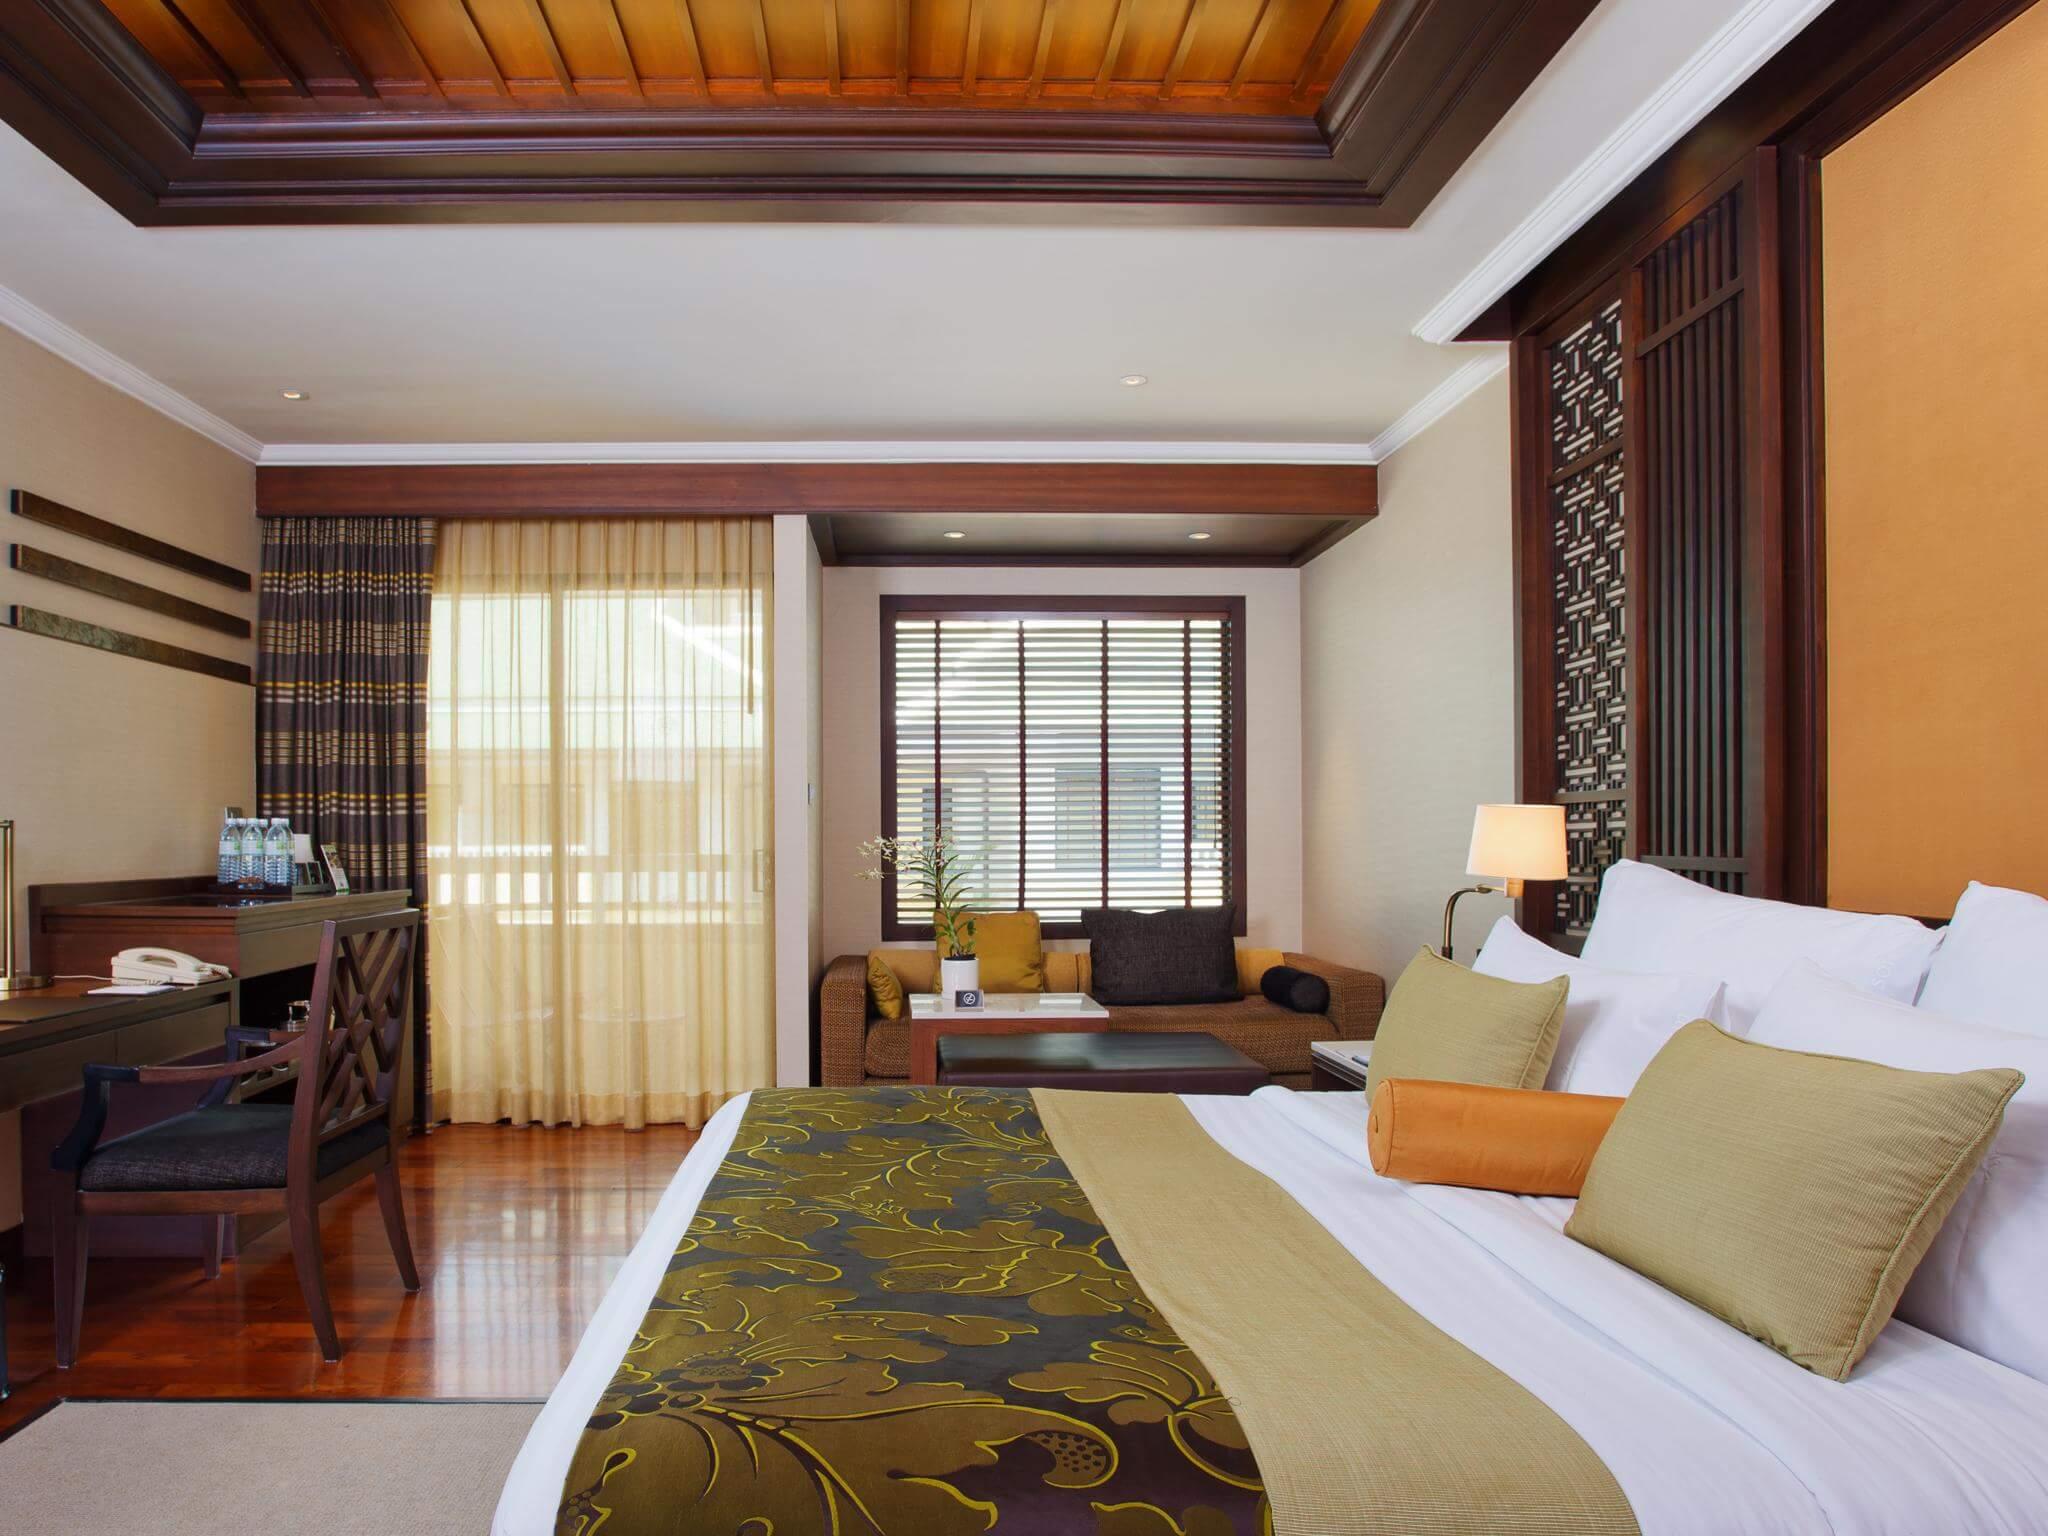 Holiday Inn Phuket Patong Beach Hotels Amp Reviews